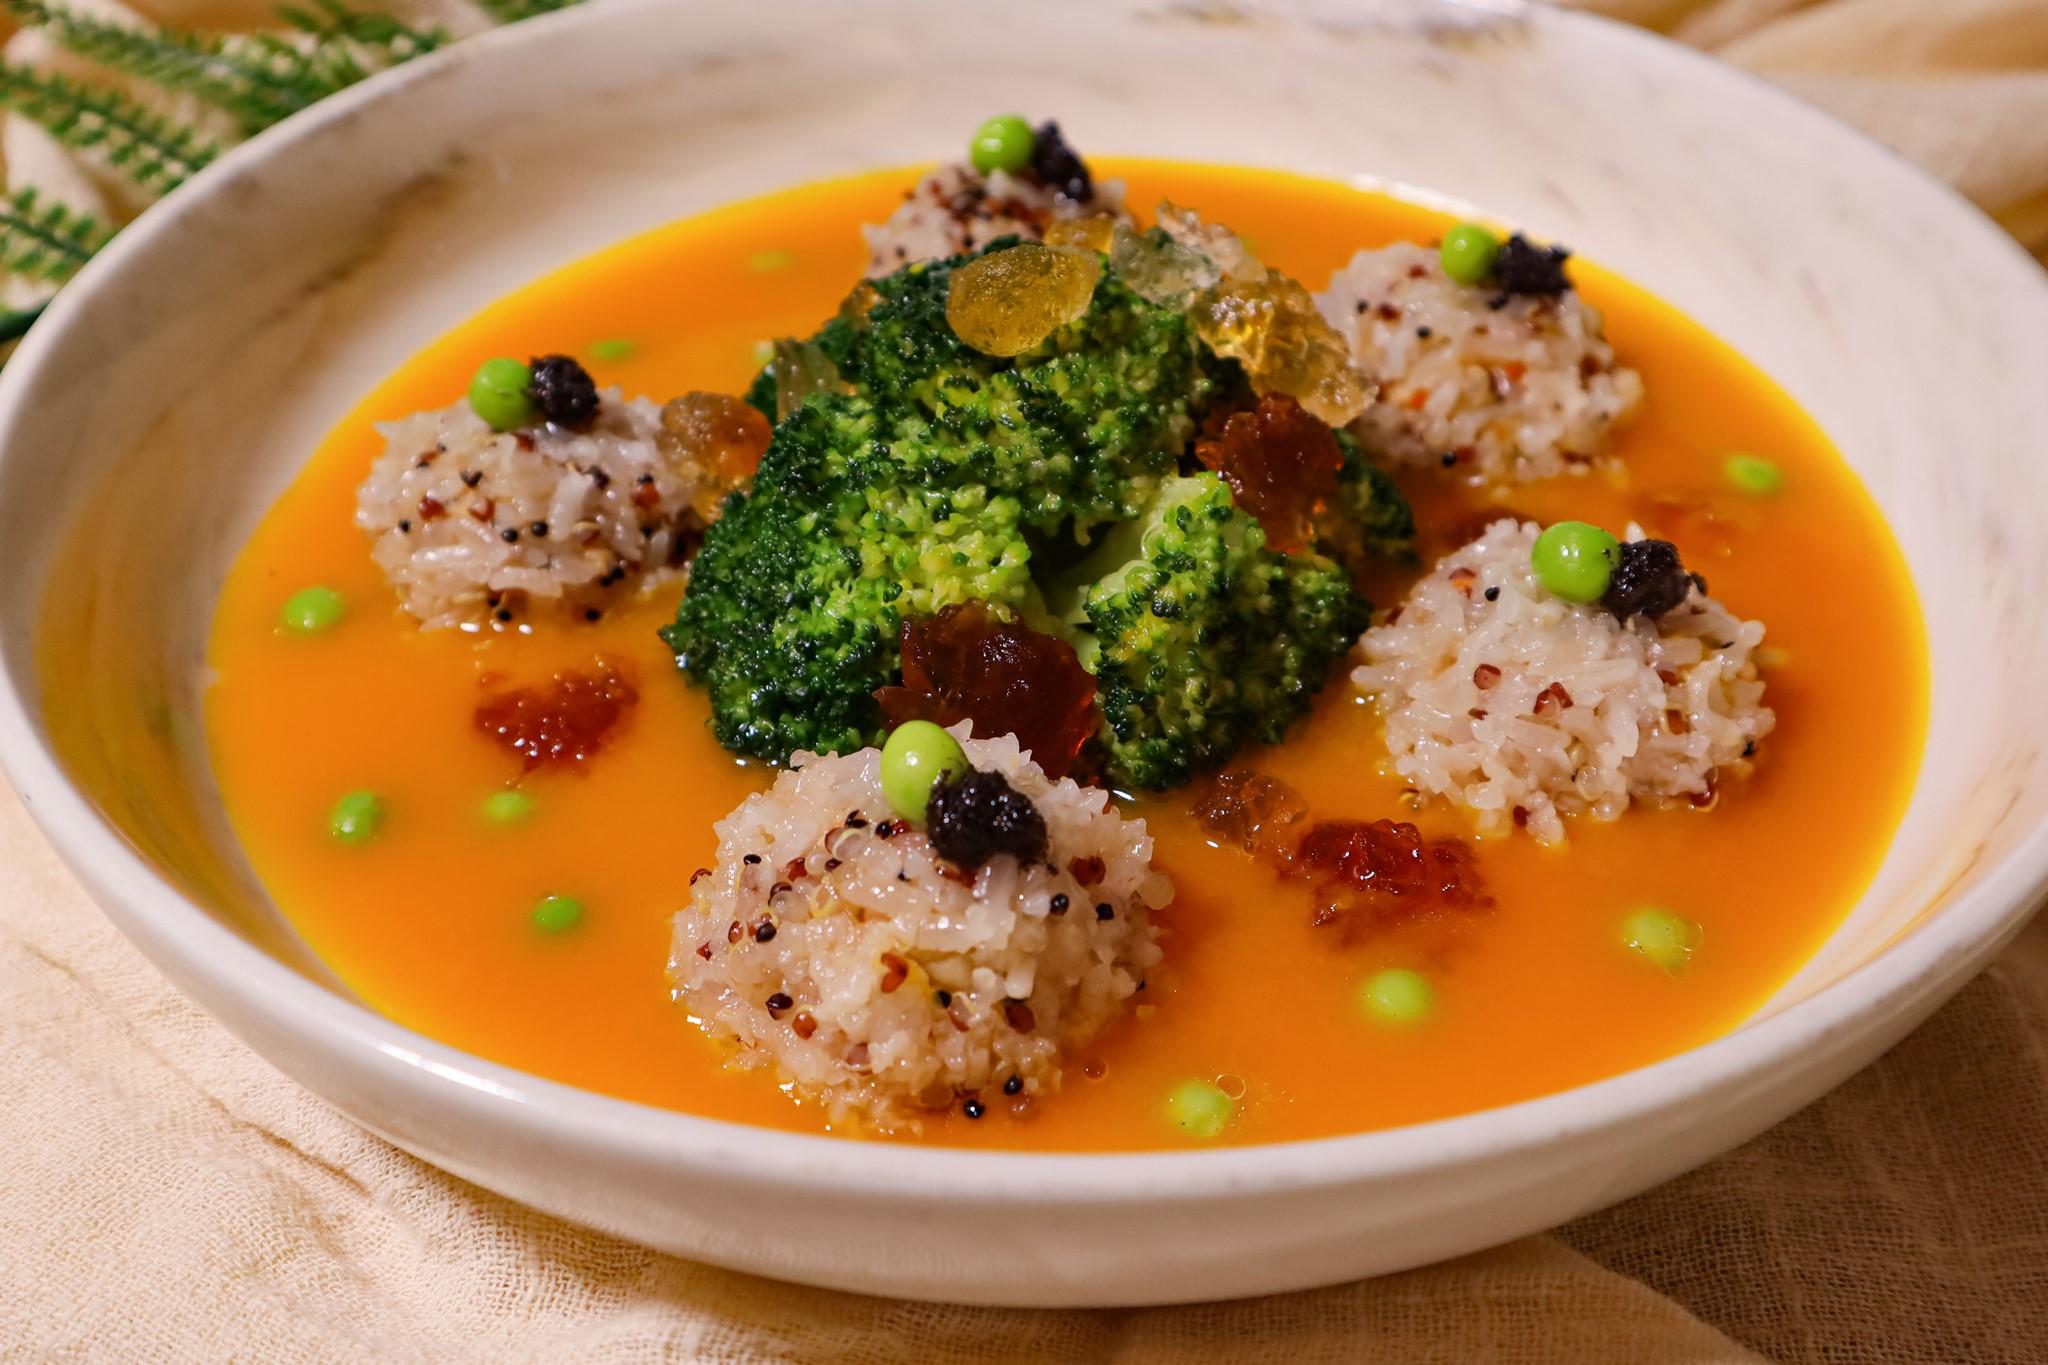 台灣蔬食旅遊趣  蔬食+1『爭先食蔬』